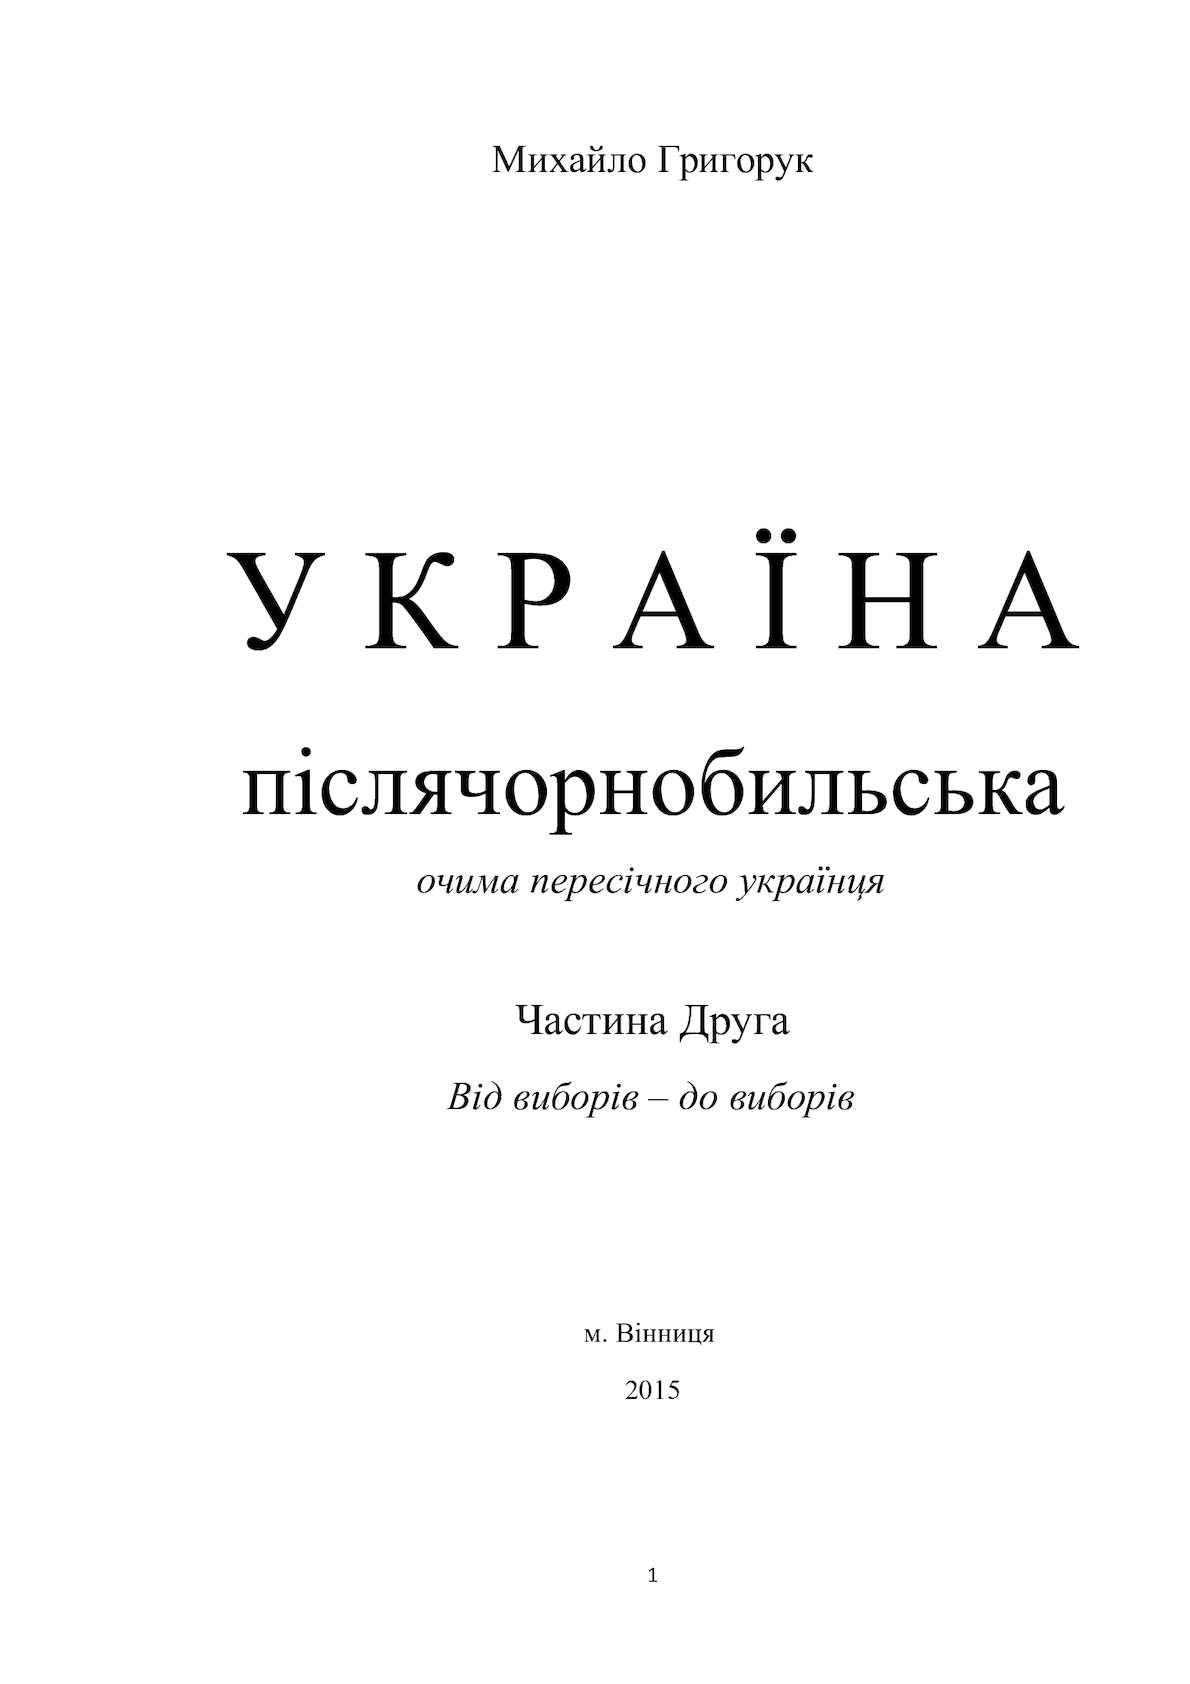 Calaméo - М. Григорук Україна післячорнобильська. ч 2 c3622e5f660bd